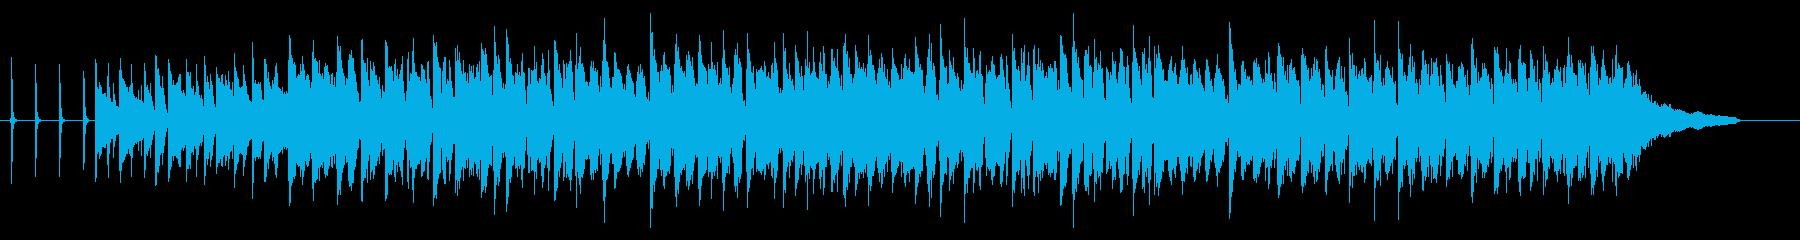 エンディング用キエフの大門FUNKPOPの再生済みの波形